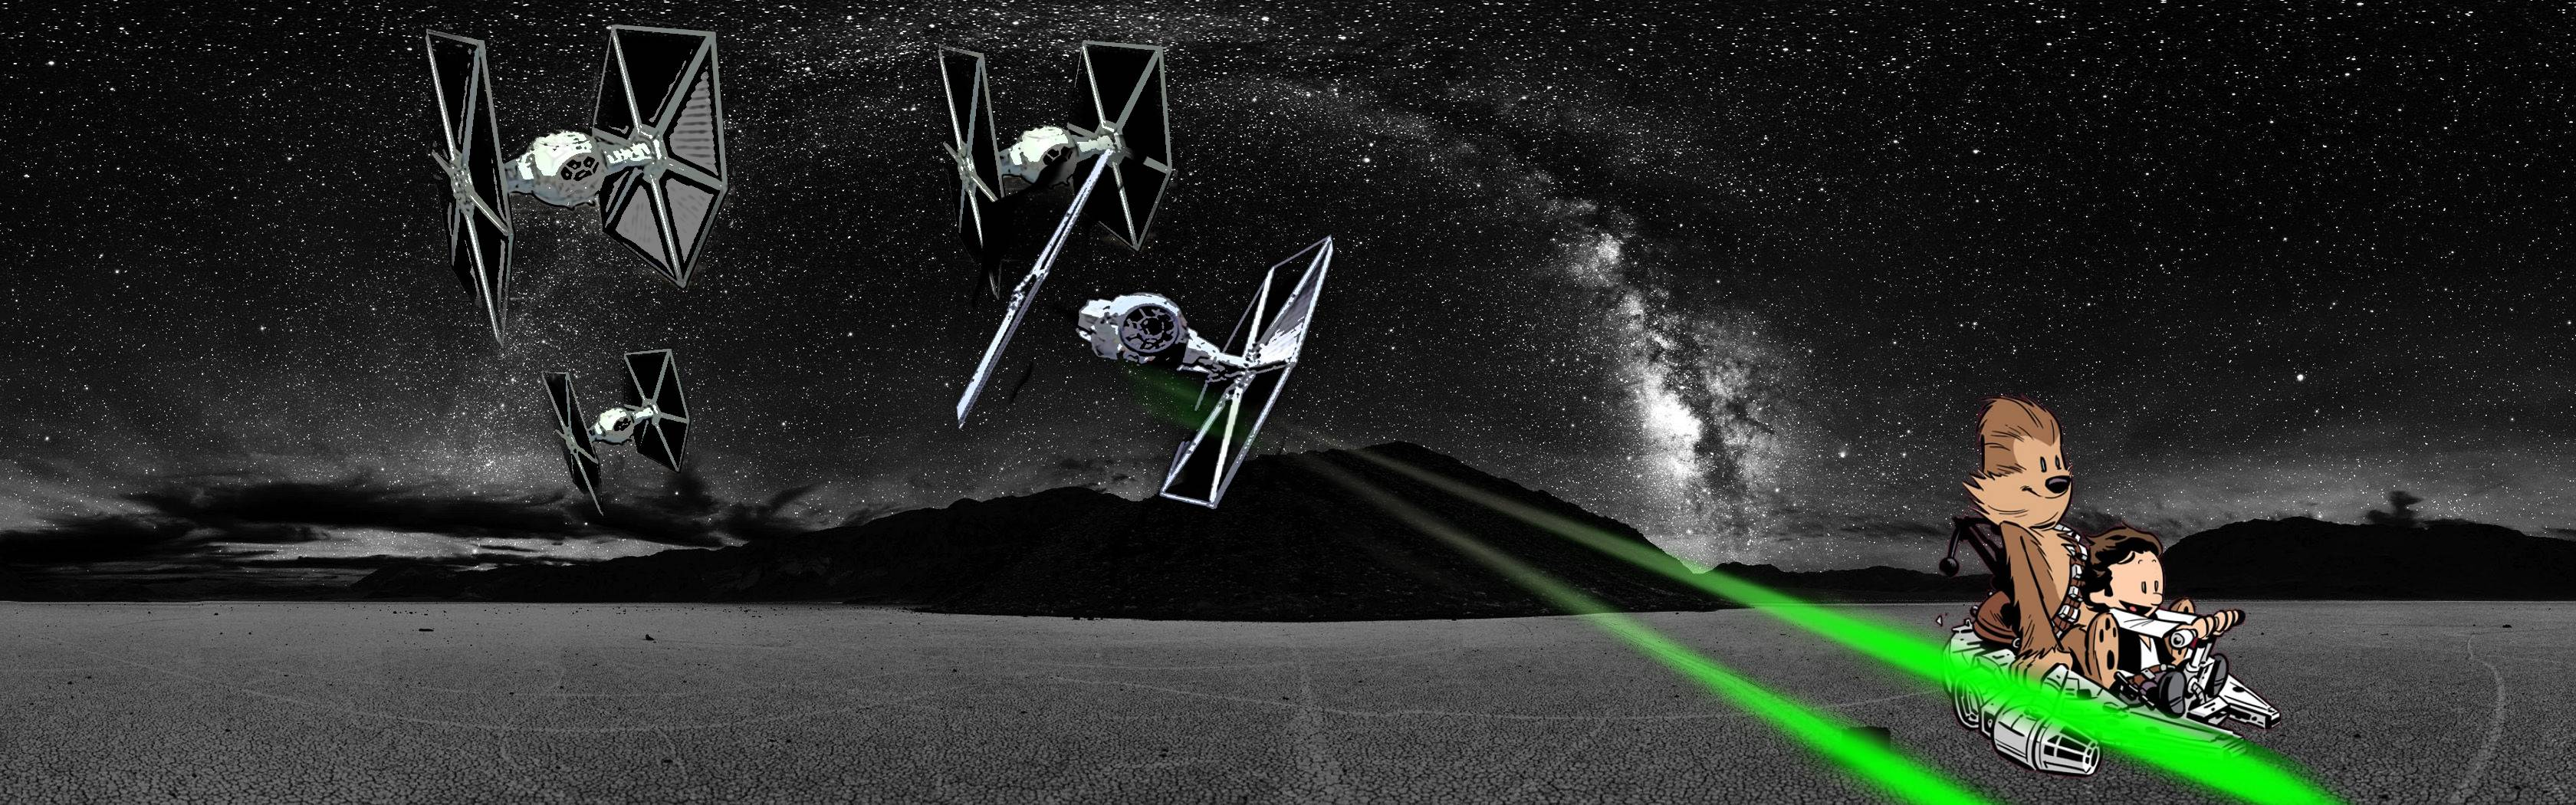 star wars triple screen wallpaper wallpapersafari